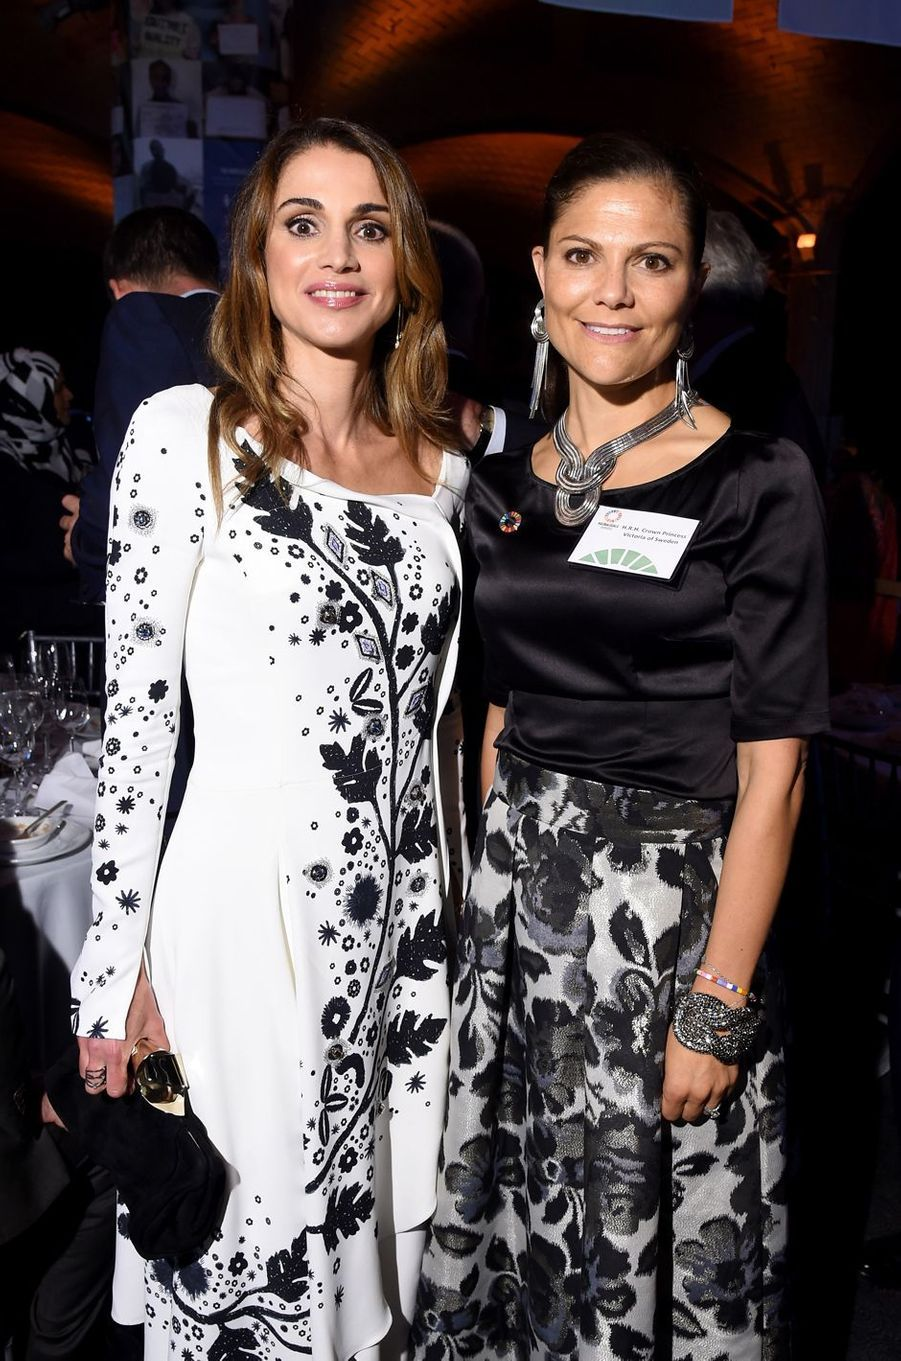 Dans leurs tenues de soirée, la reine Rania de Jordanie et la princesse héritière Victoria de Suède étaient assorties ce mardi 20 septembre au soir à New York.